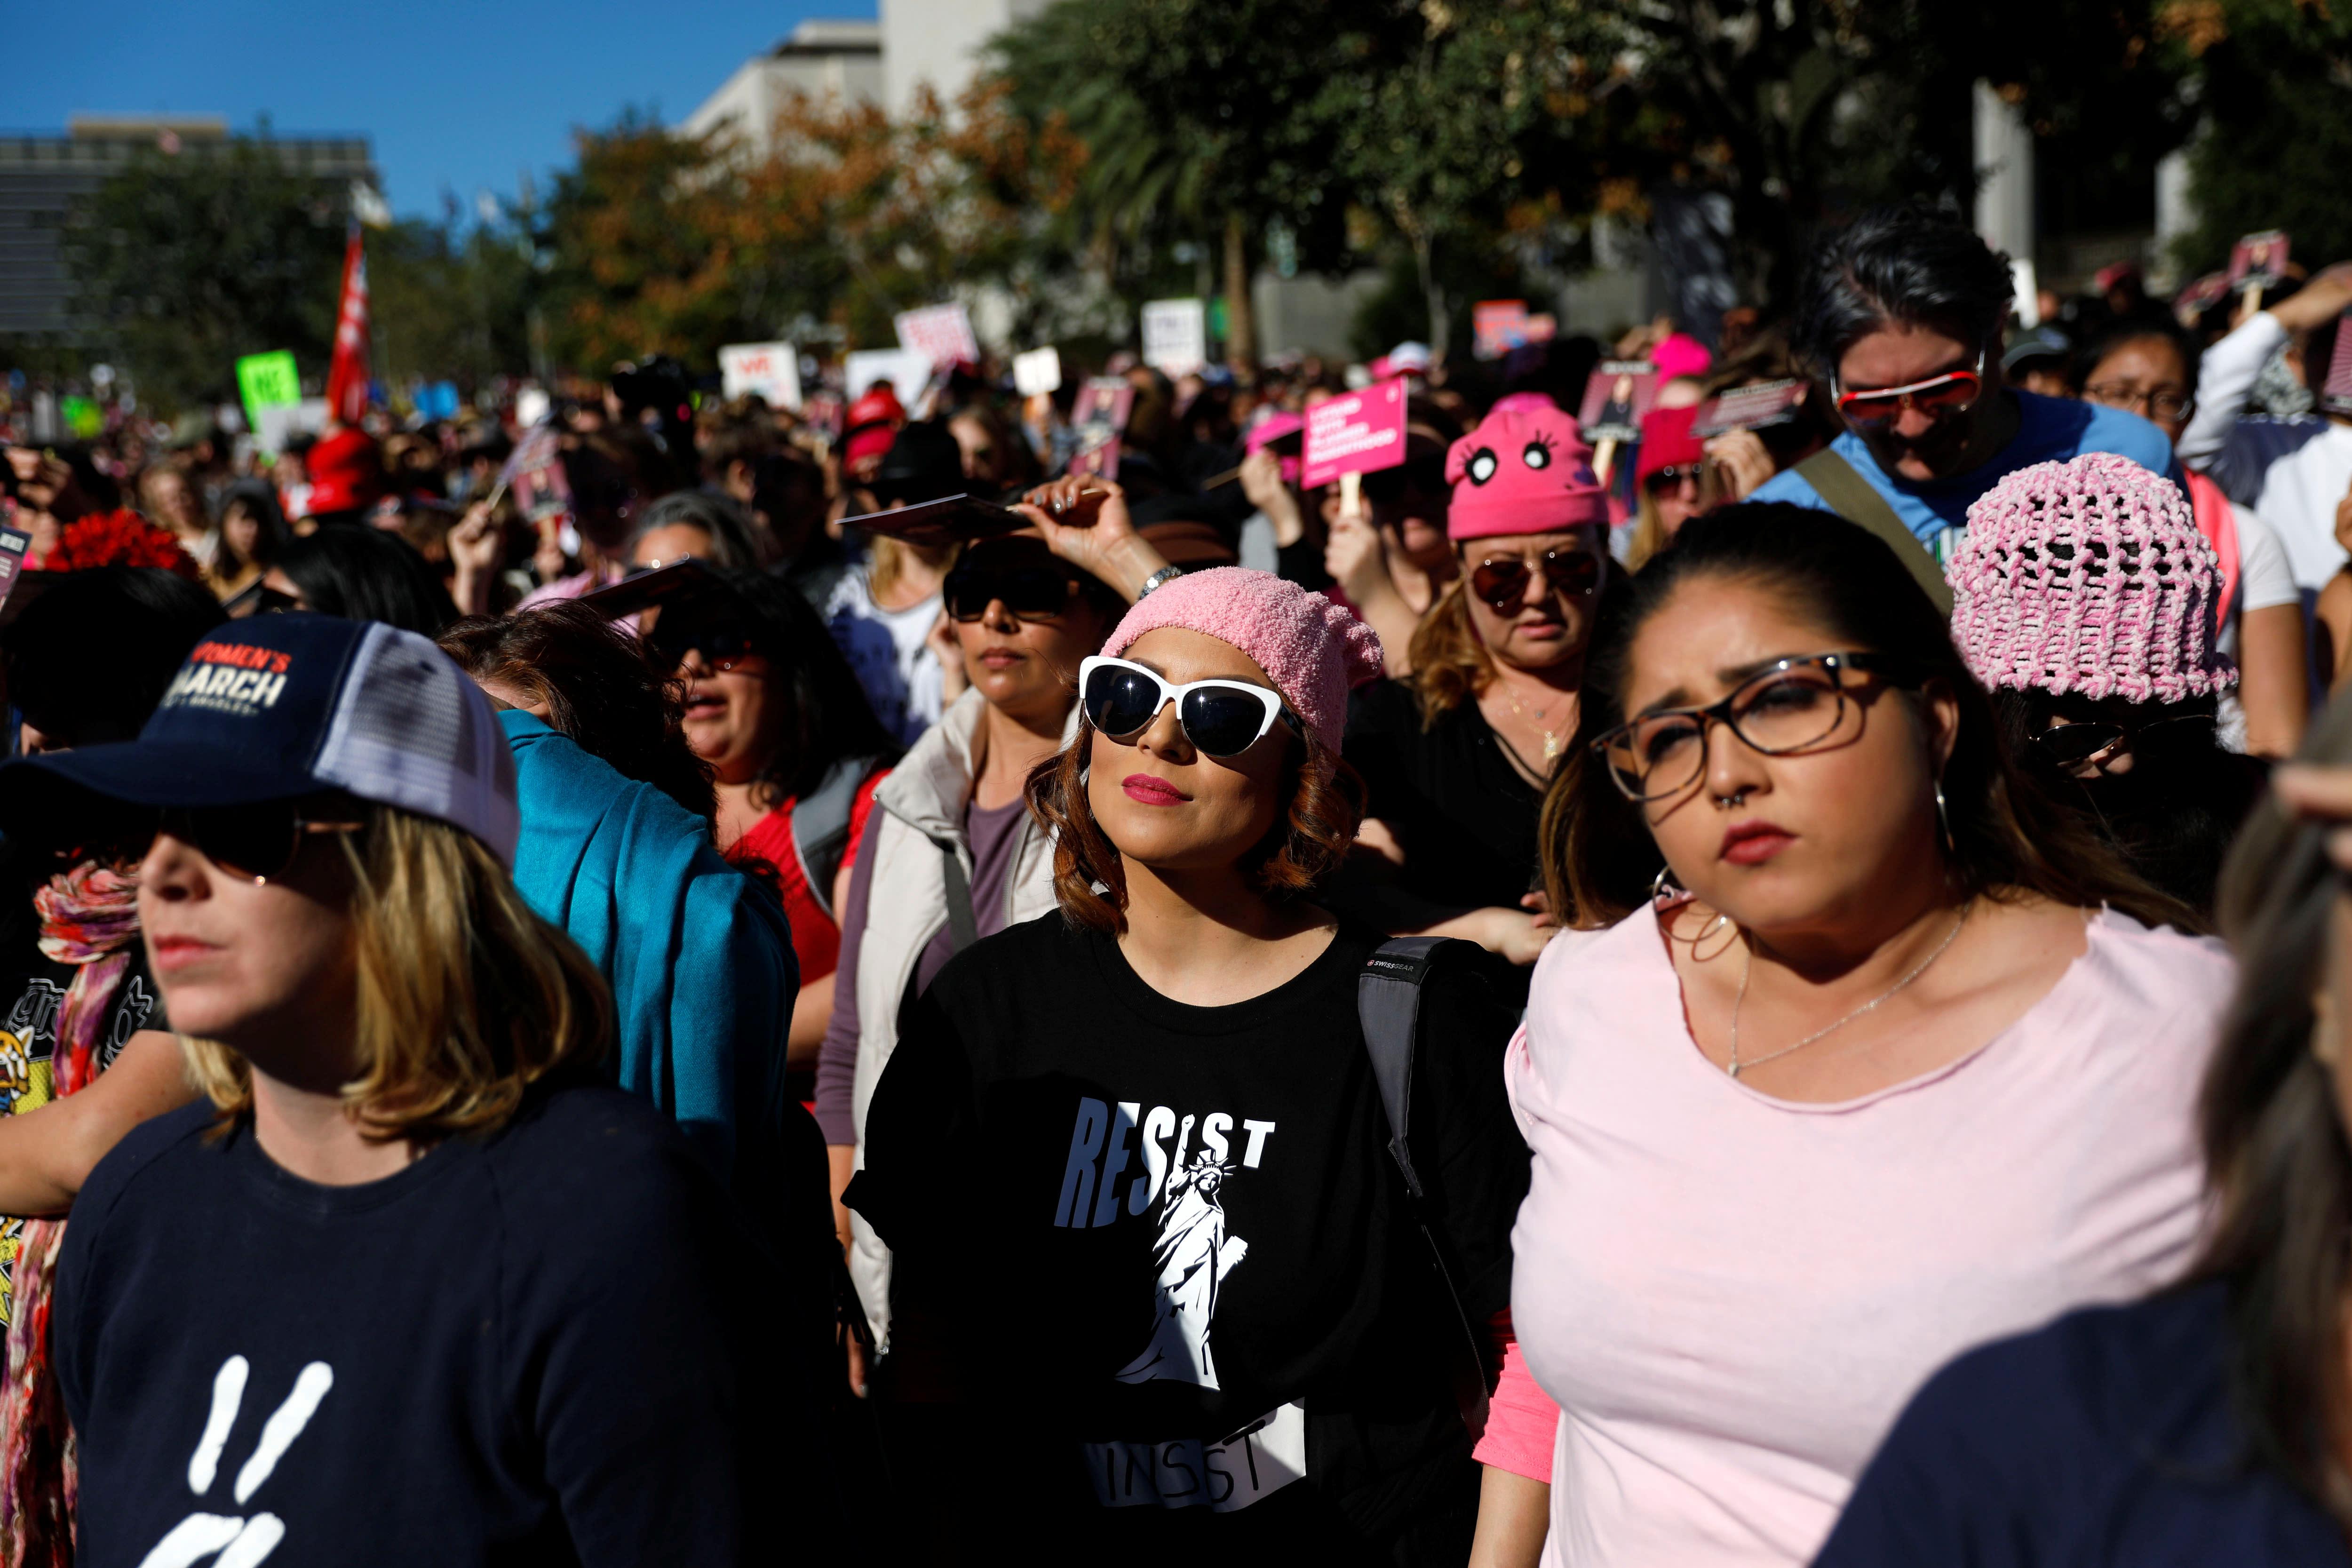 People participate in the second annual Women's March in LA (REUTERS/Patrick T. Fallon)